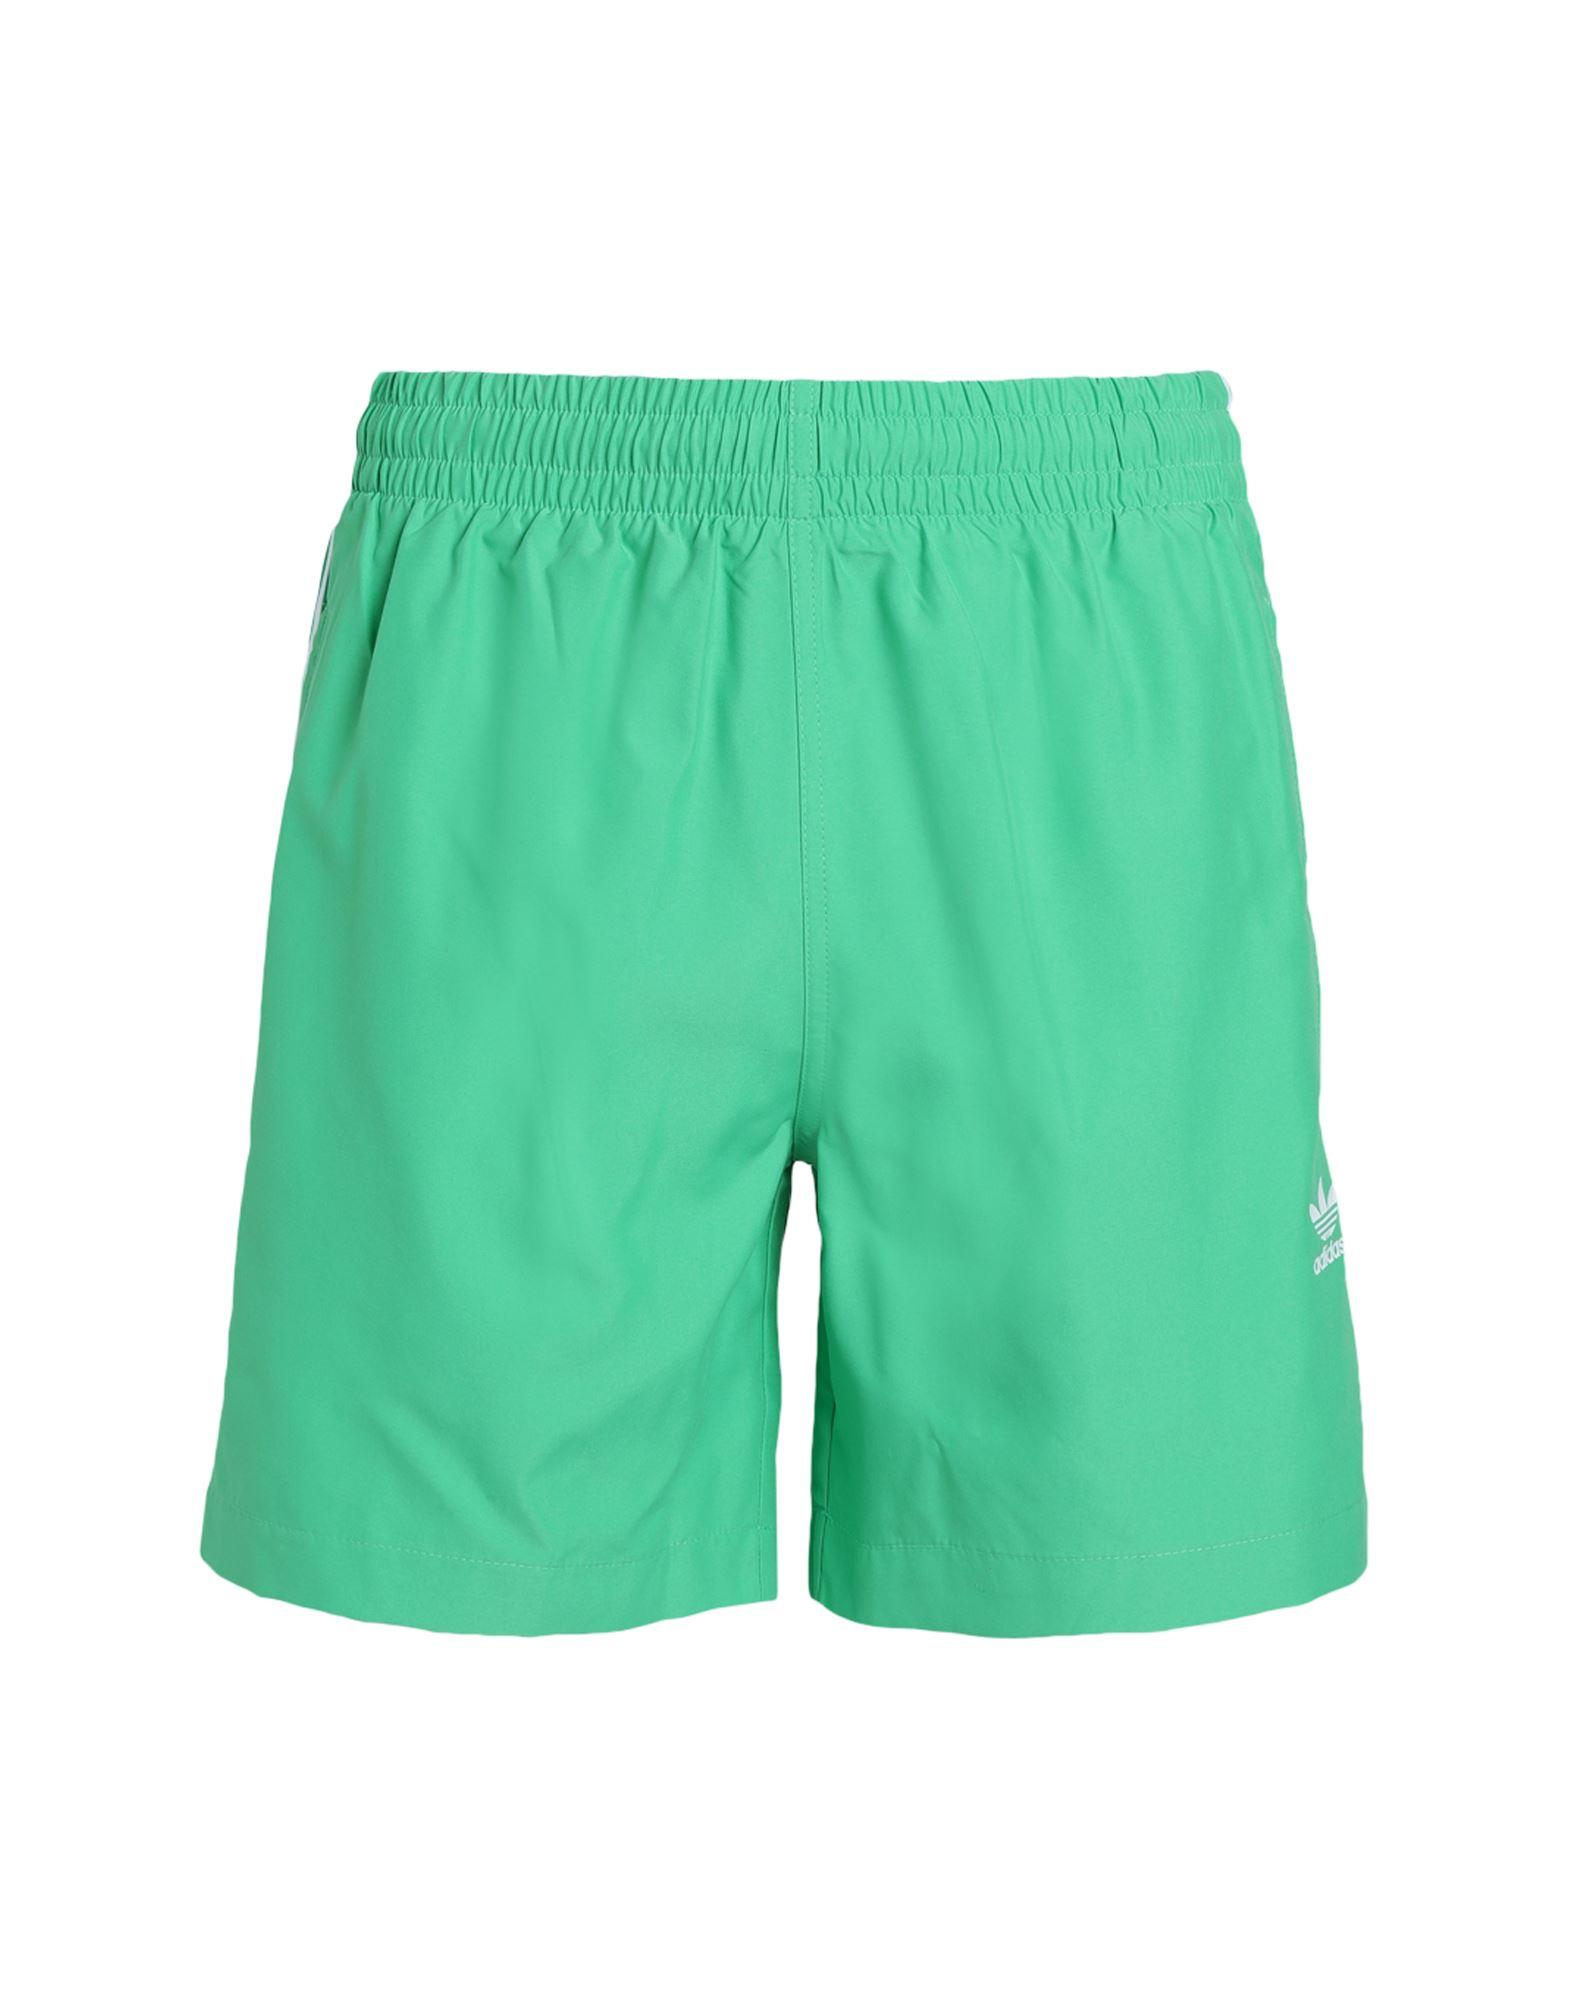 шорты с вшитыми лосинами adidas tiro19 2in1 sho d95934 ADIDAS ORIGINALS Шорты для плавания